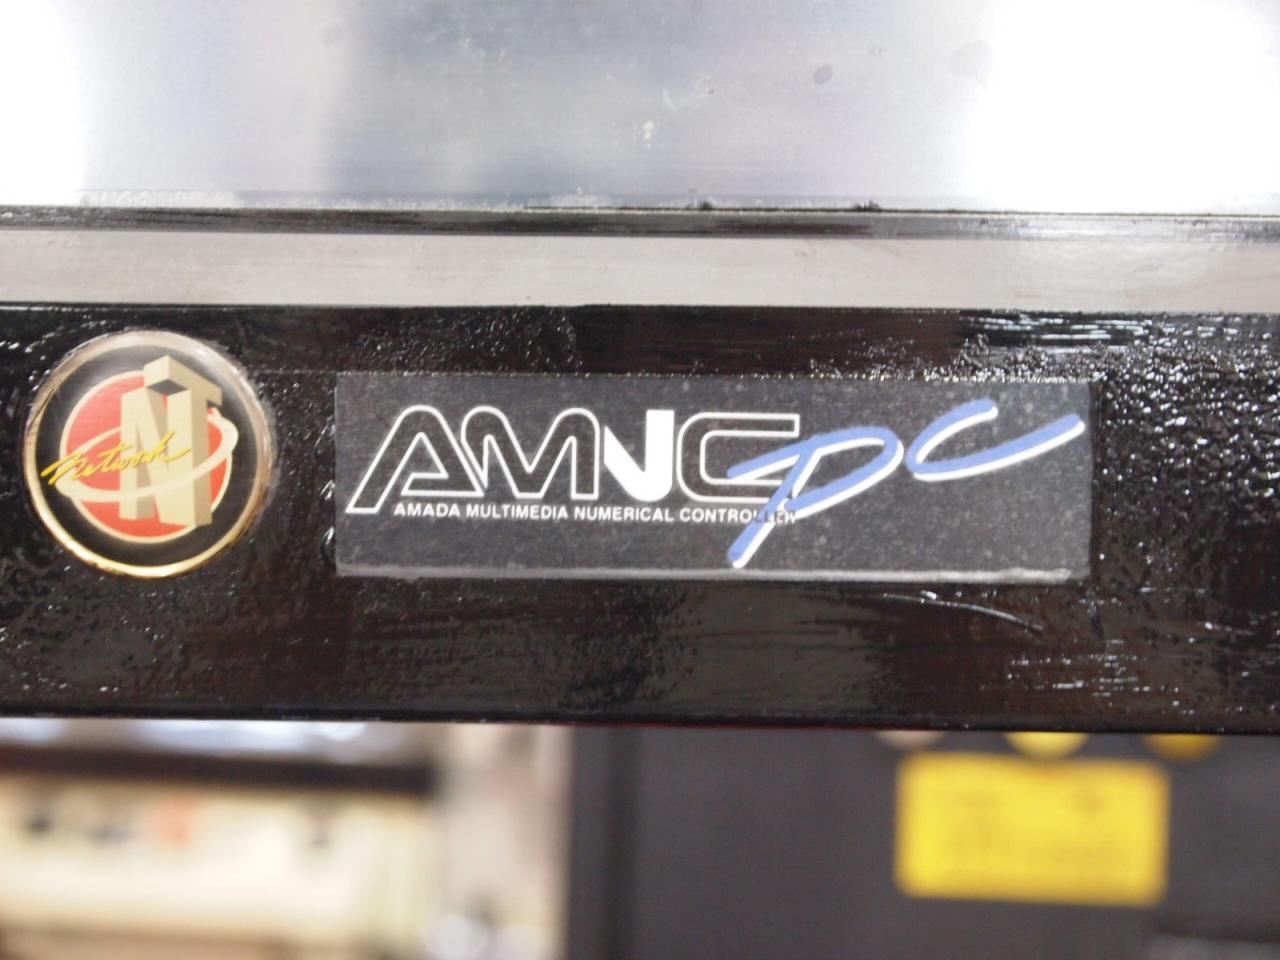 AMNCPC型式表示